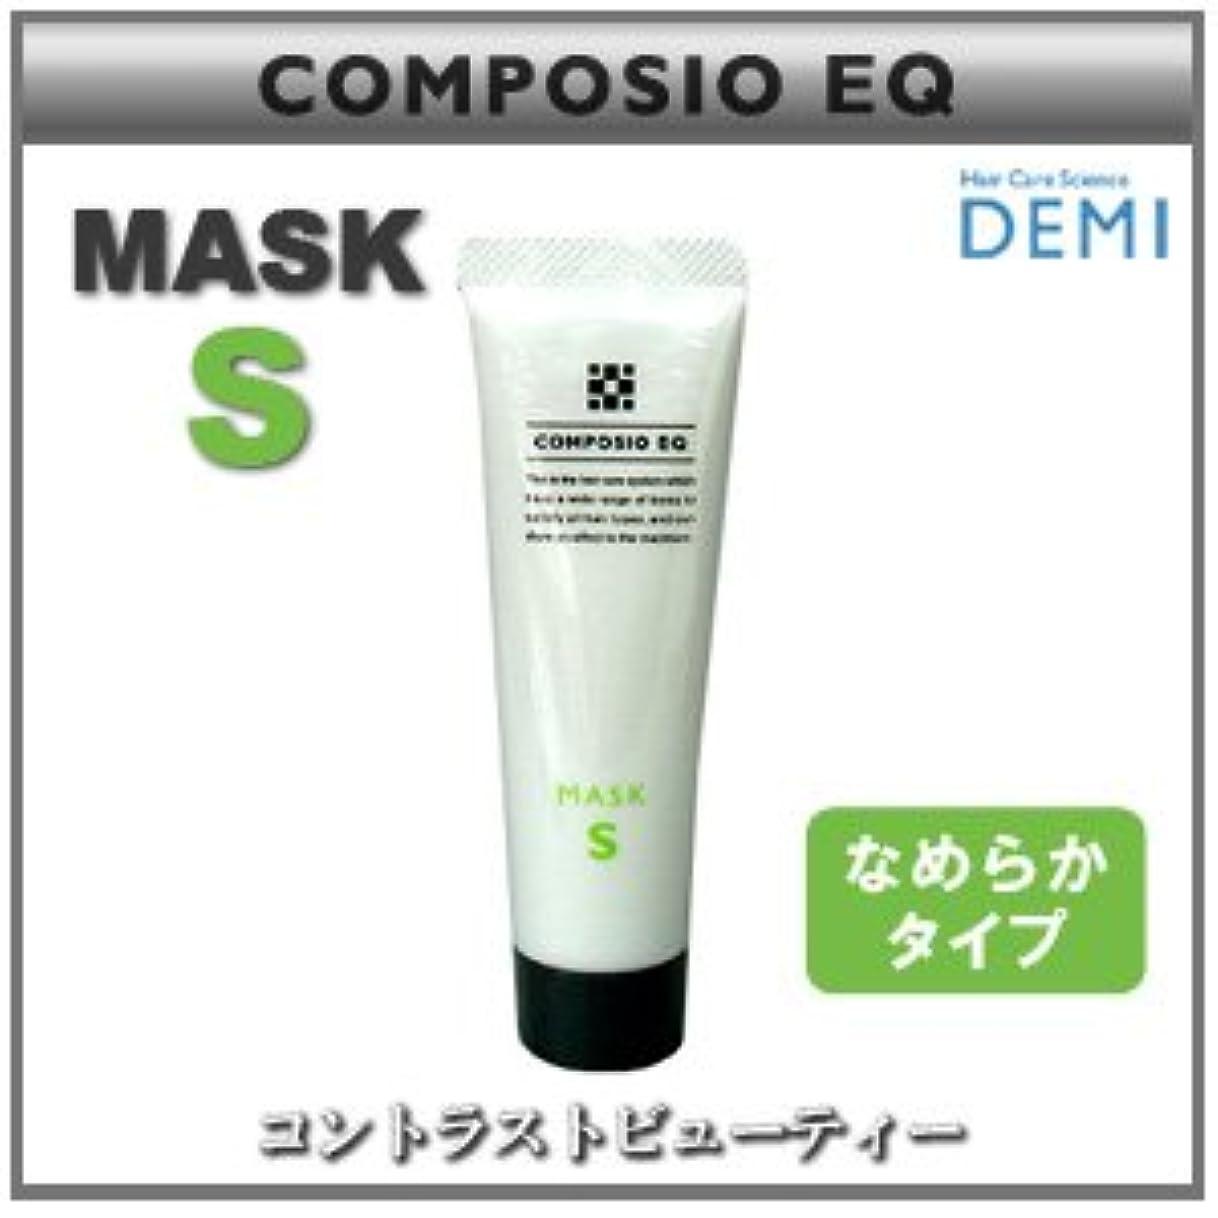 米ドル学者【X3個セット】 デミ コンポジオ EQ マスク S 50g